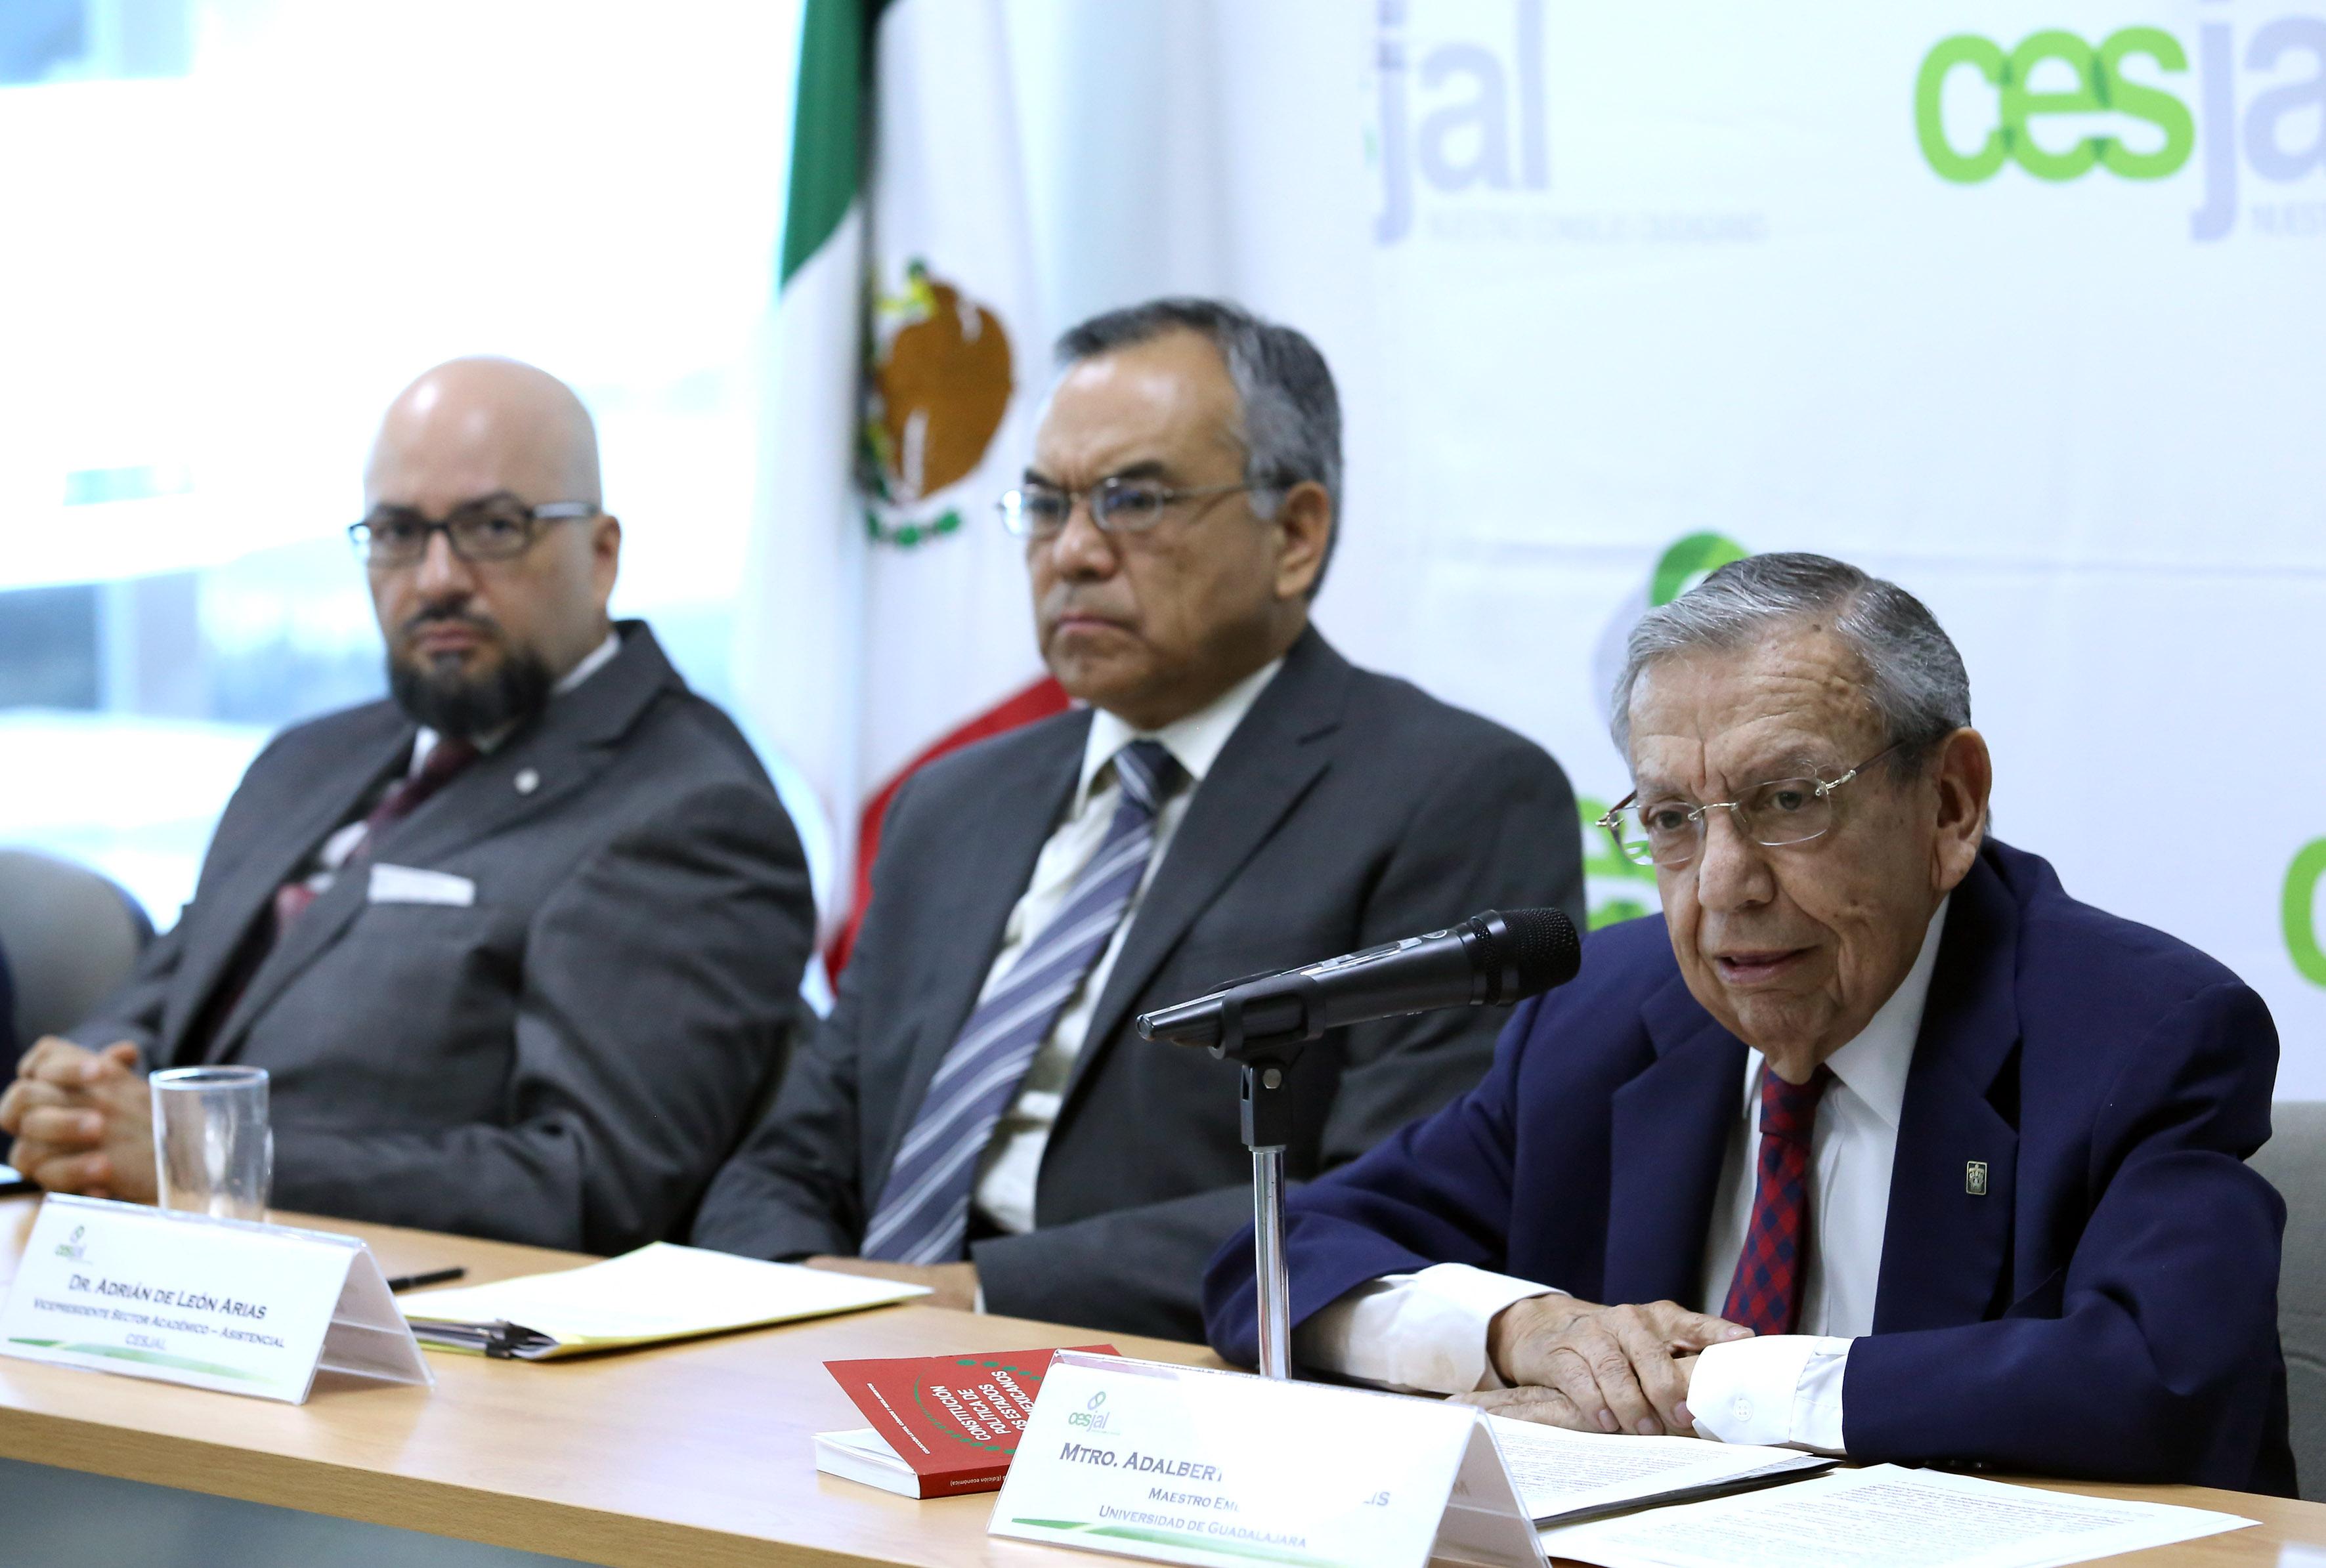 Académicos panelistas, justificando la preservación del Consejo Económico y Social del Estado de Jalisco para el Desarrollo y la Competitividad (Cesjal).